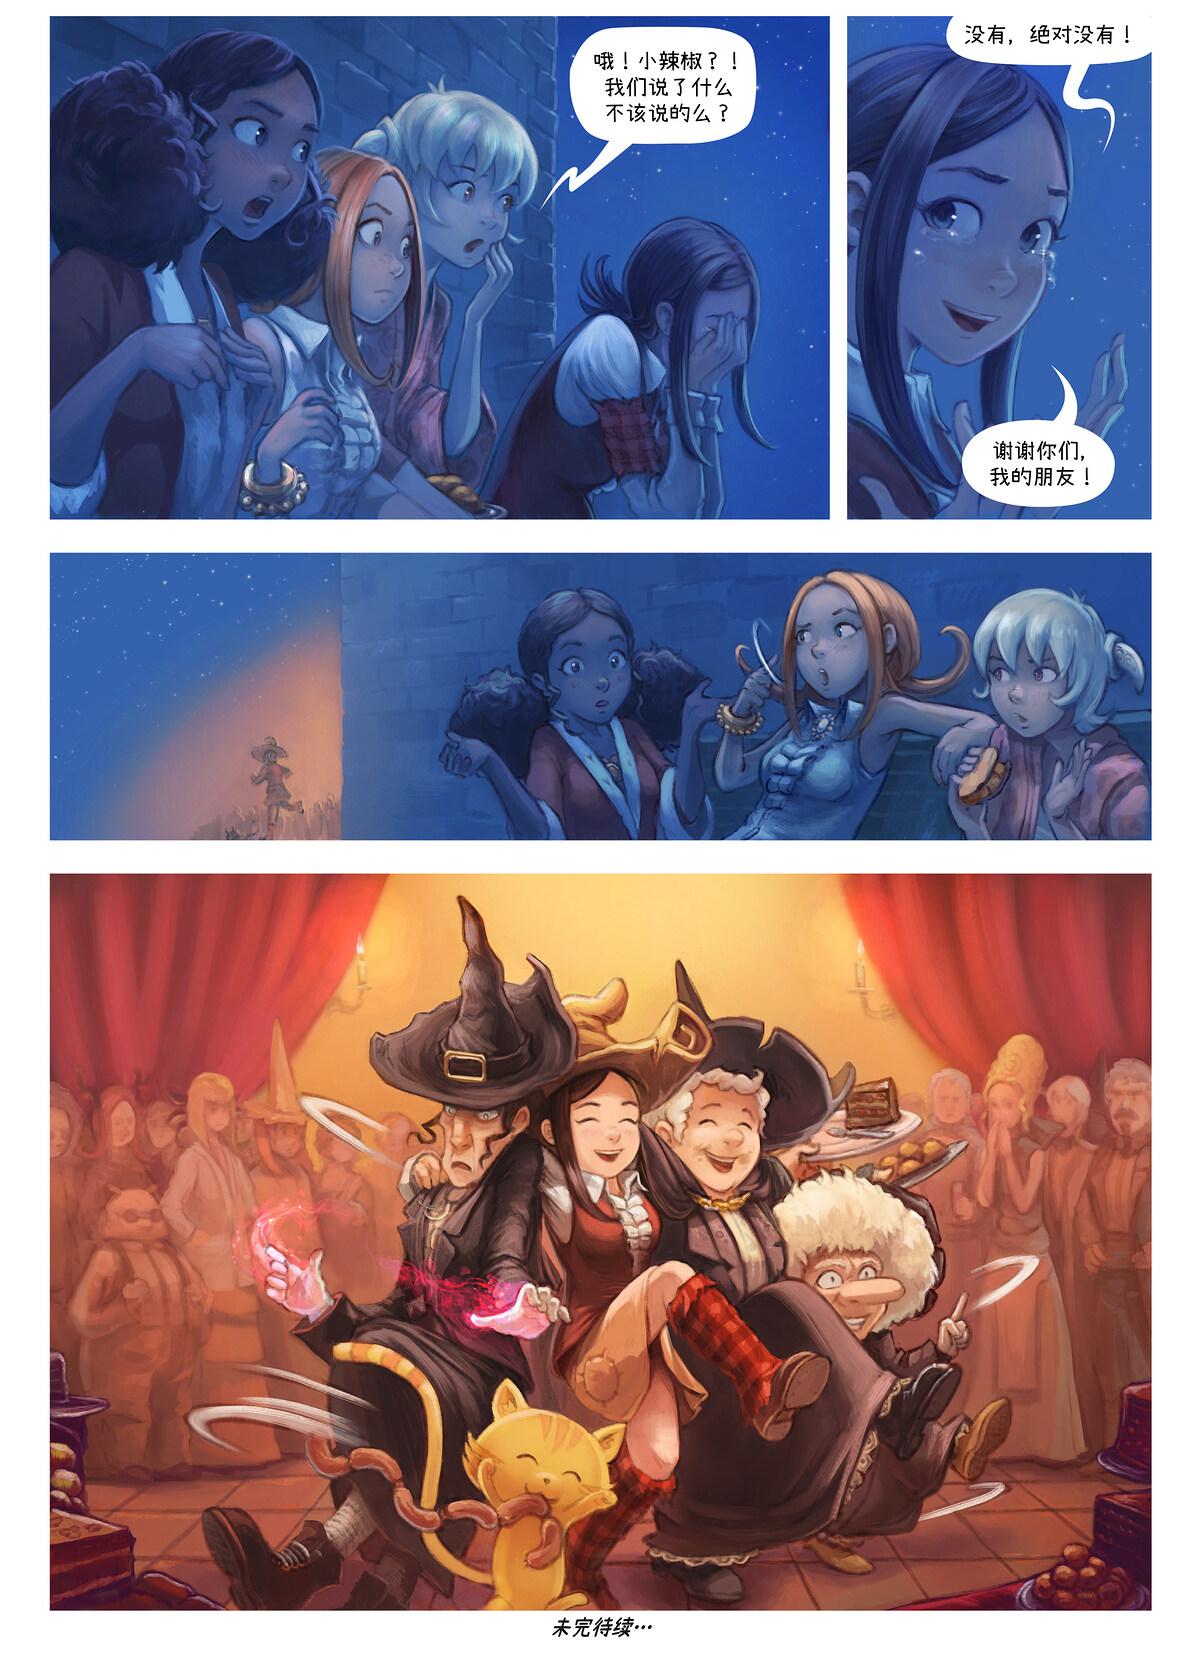 第28集:盛宴, Page 9